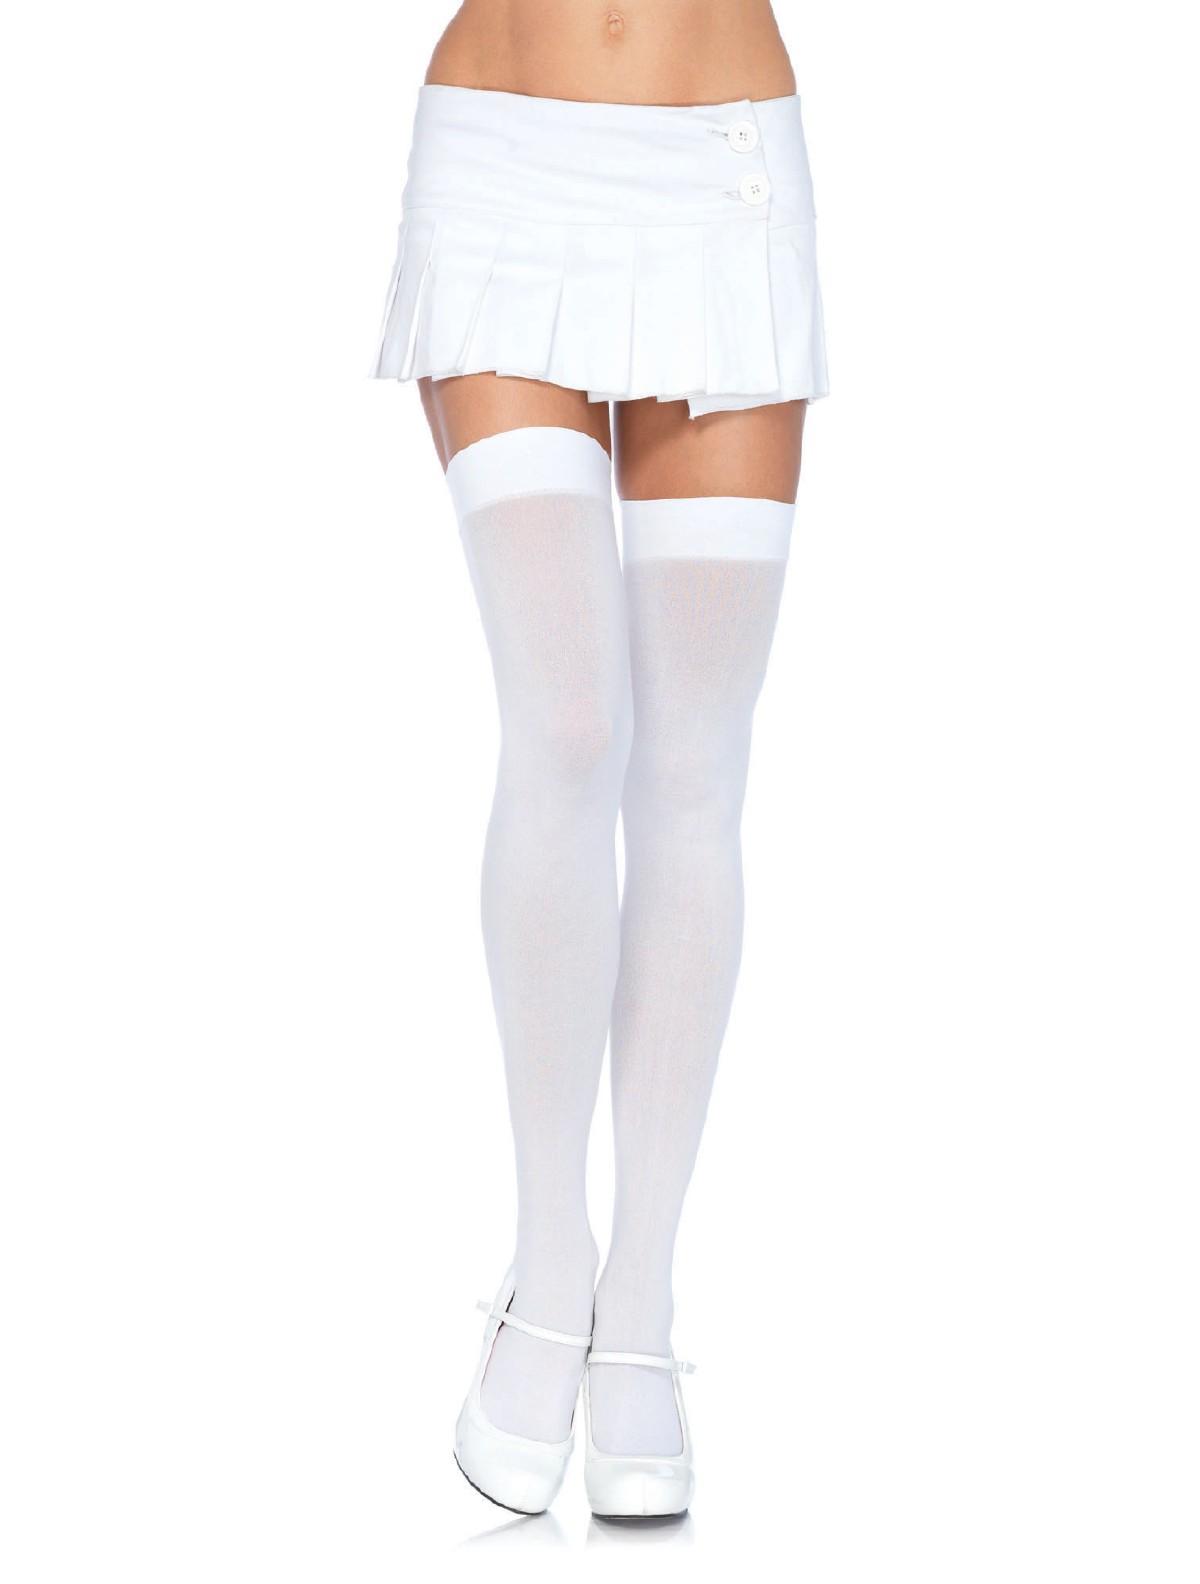 preiswert kaufen Mode eine große Auswahl an Modellen Leg Avenue blickdichte halterlose Strümpfe